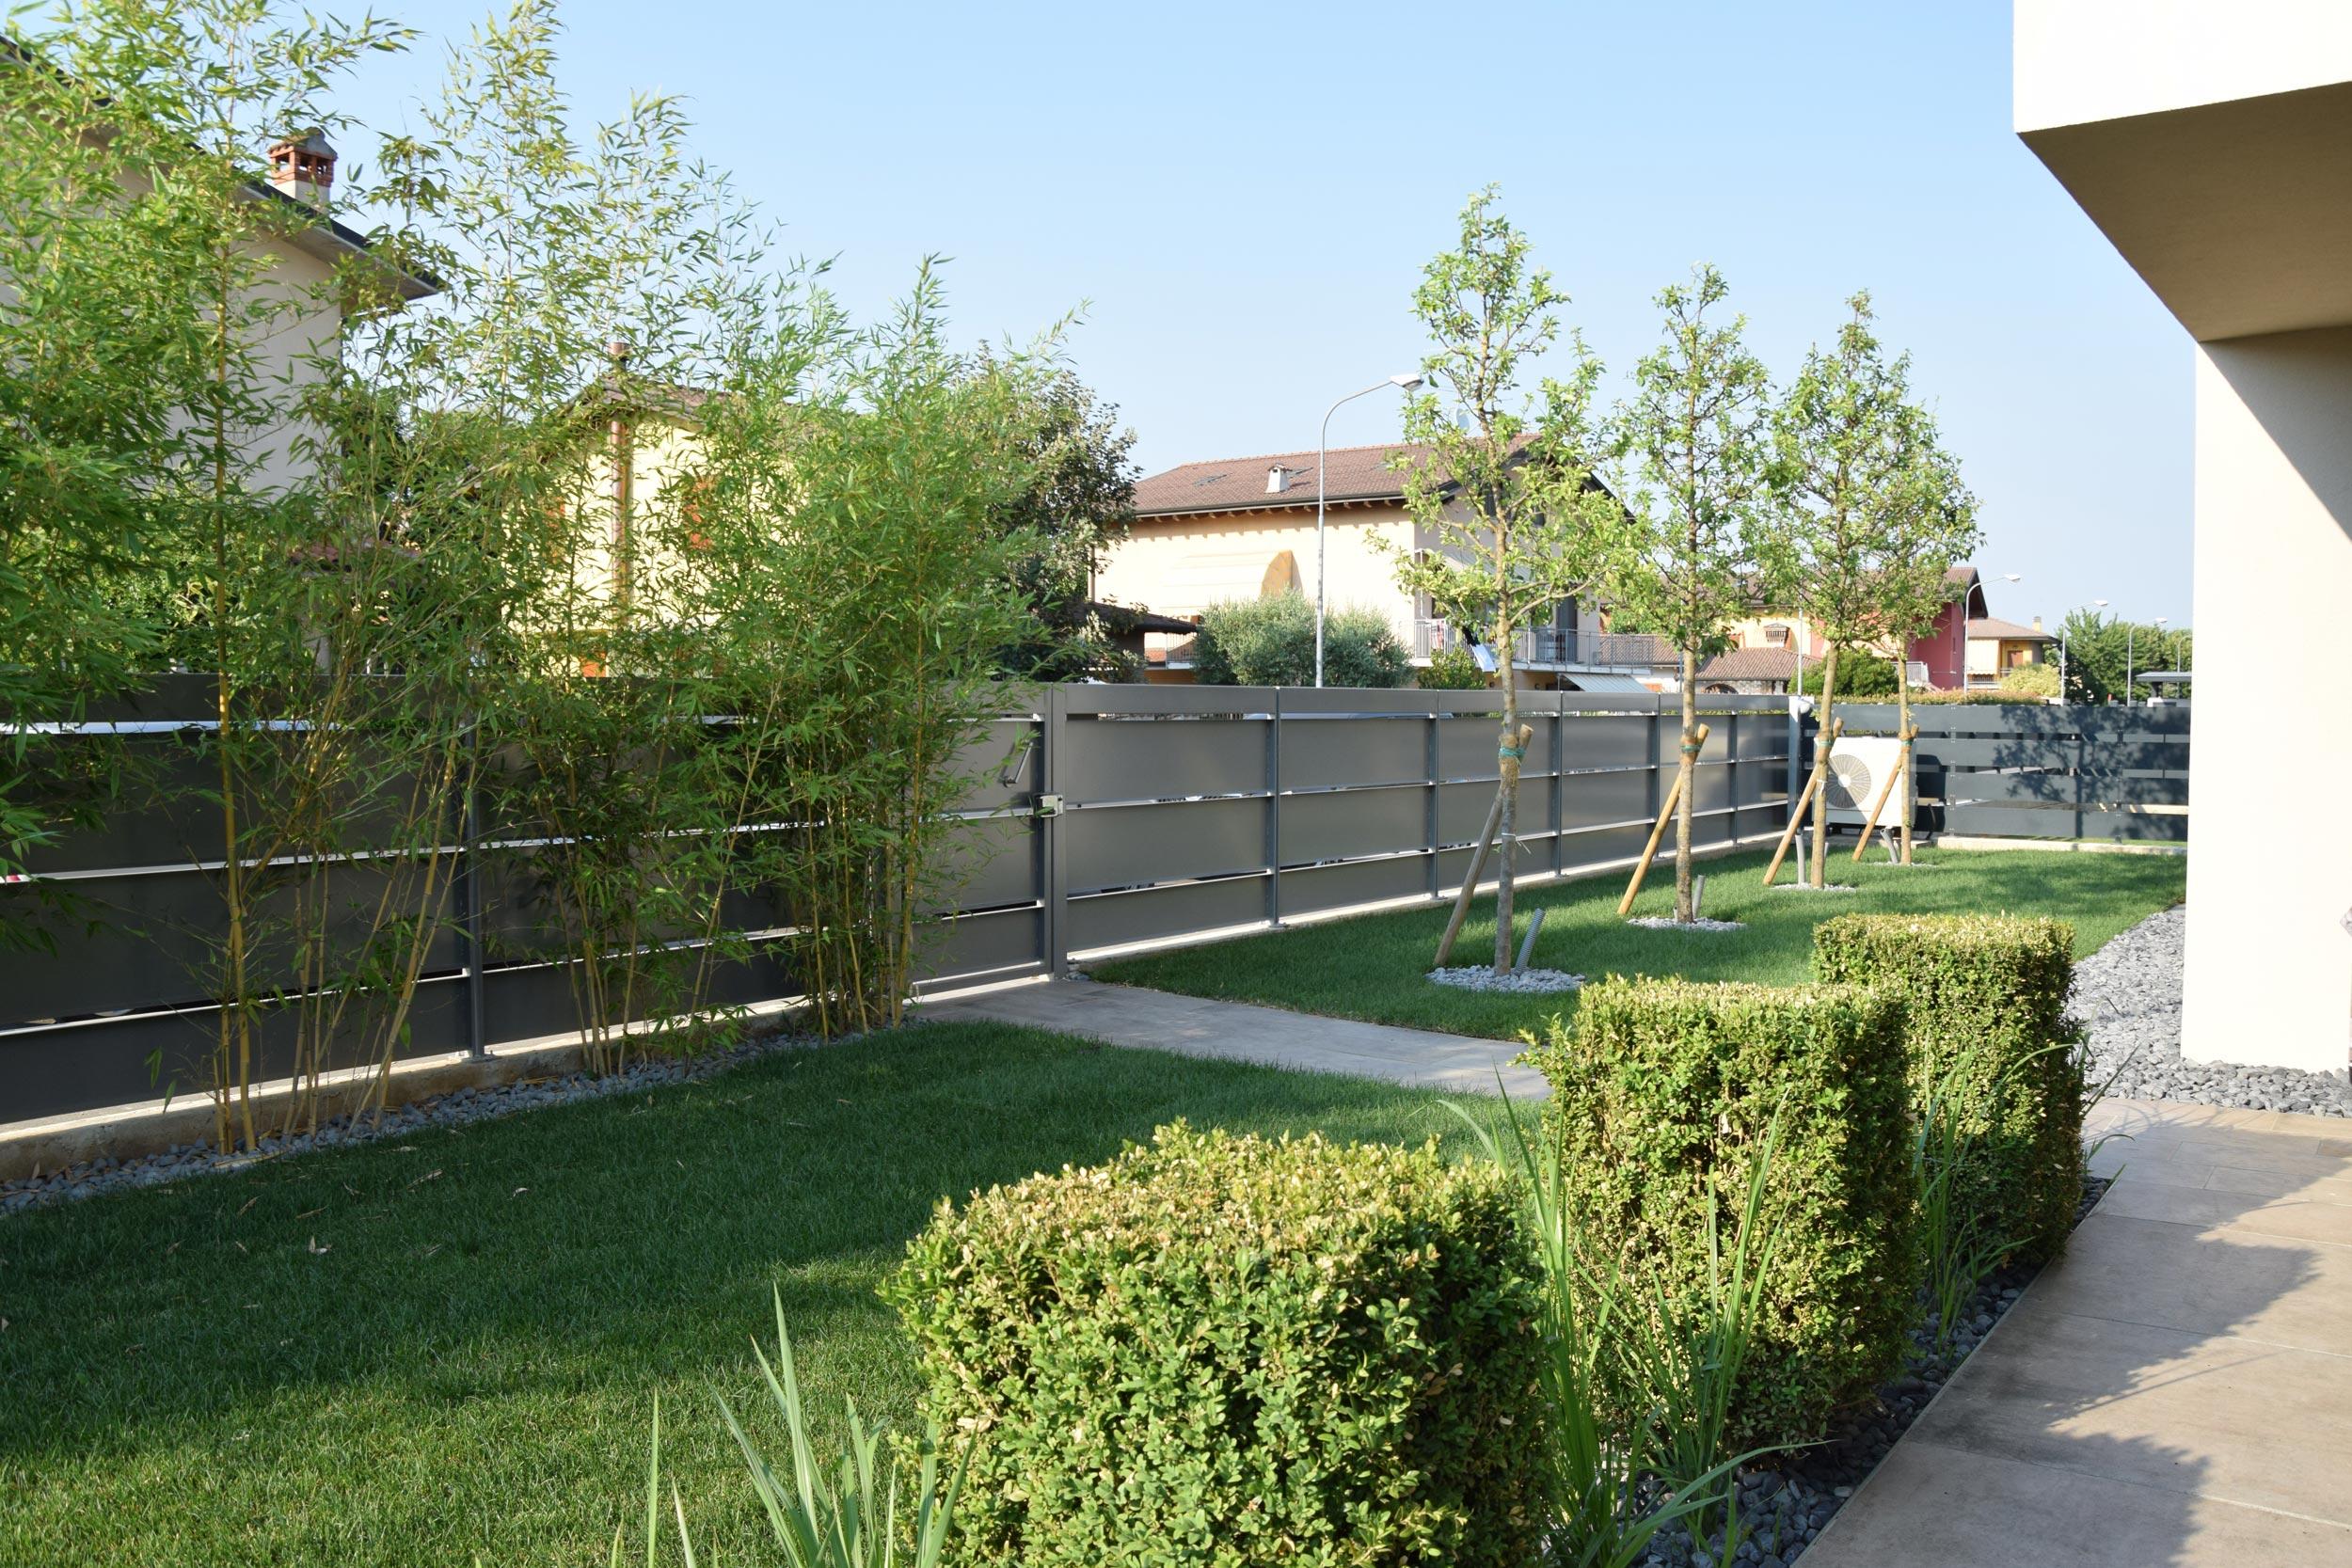 Progettazione giardini privati brescia matite verdi di - Giardini privati progetti ...